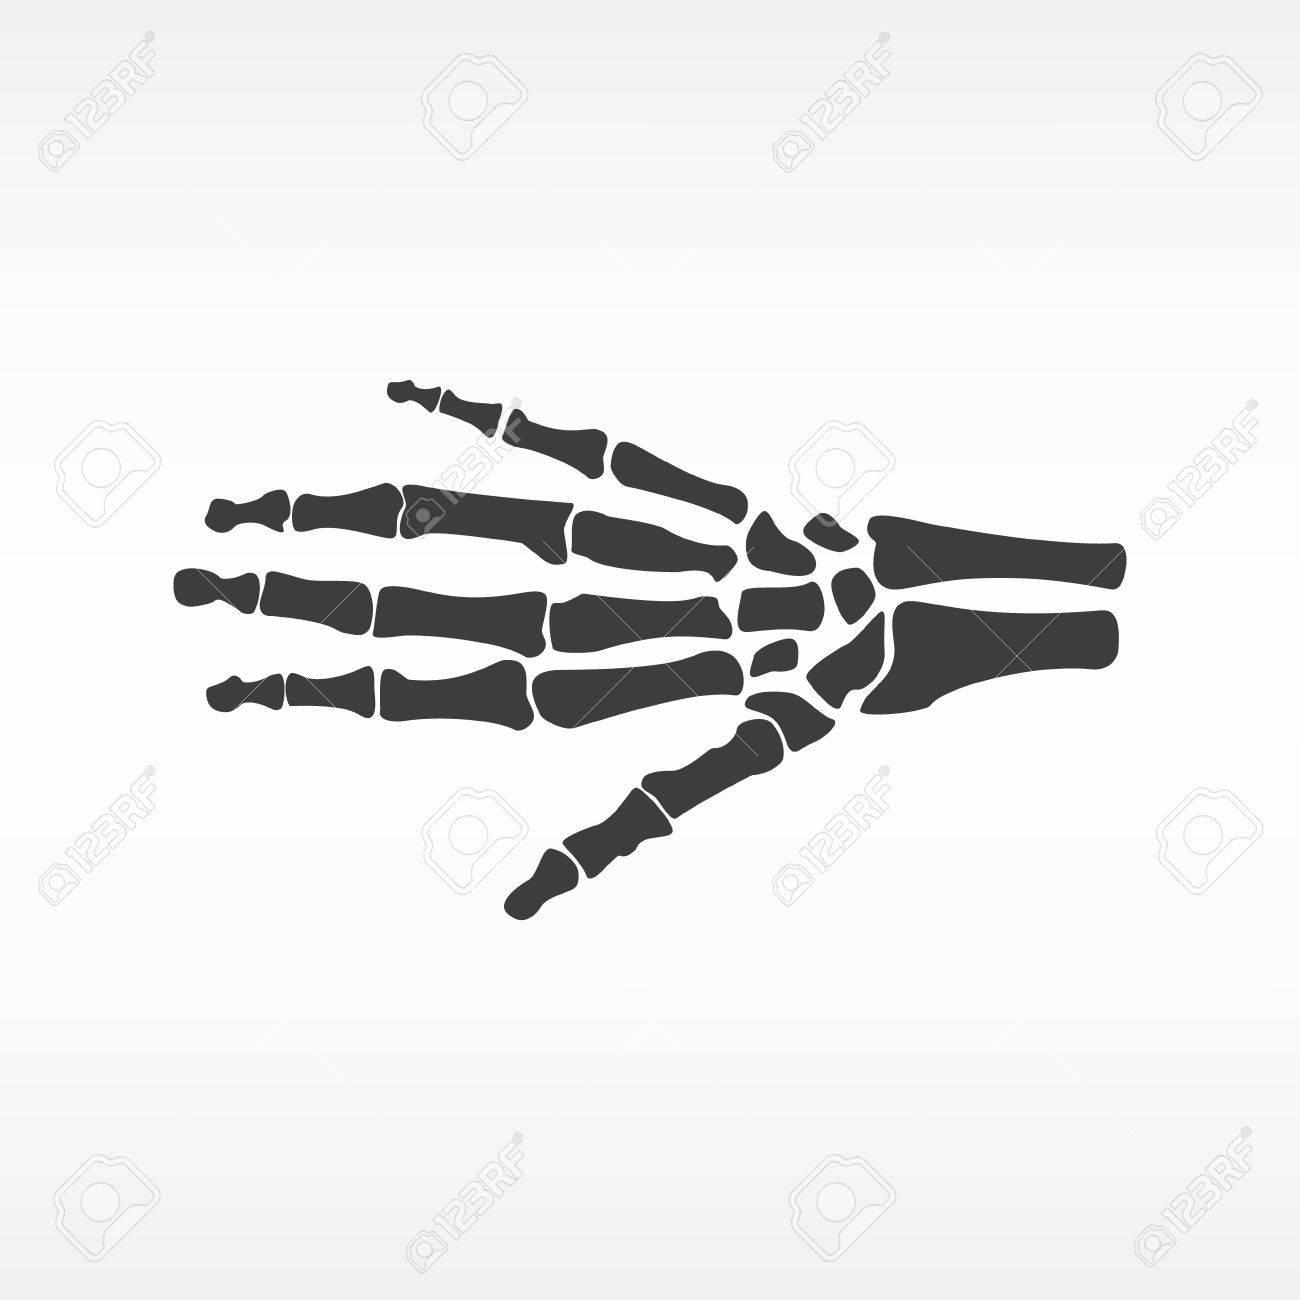 Beste Bild Von Handknochen Fotos - Menschliche Anatomie Bilder ...